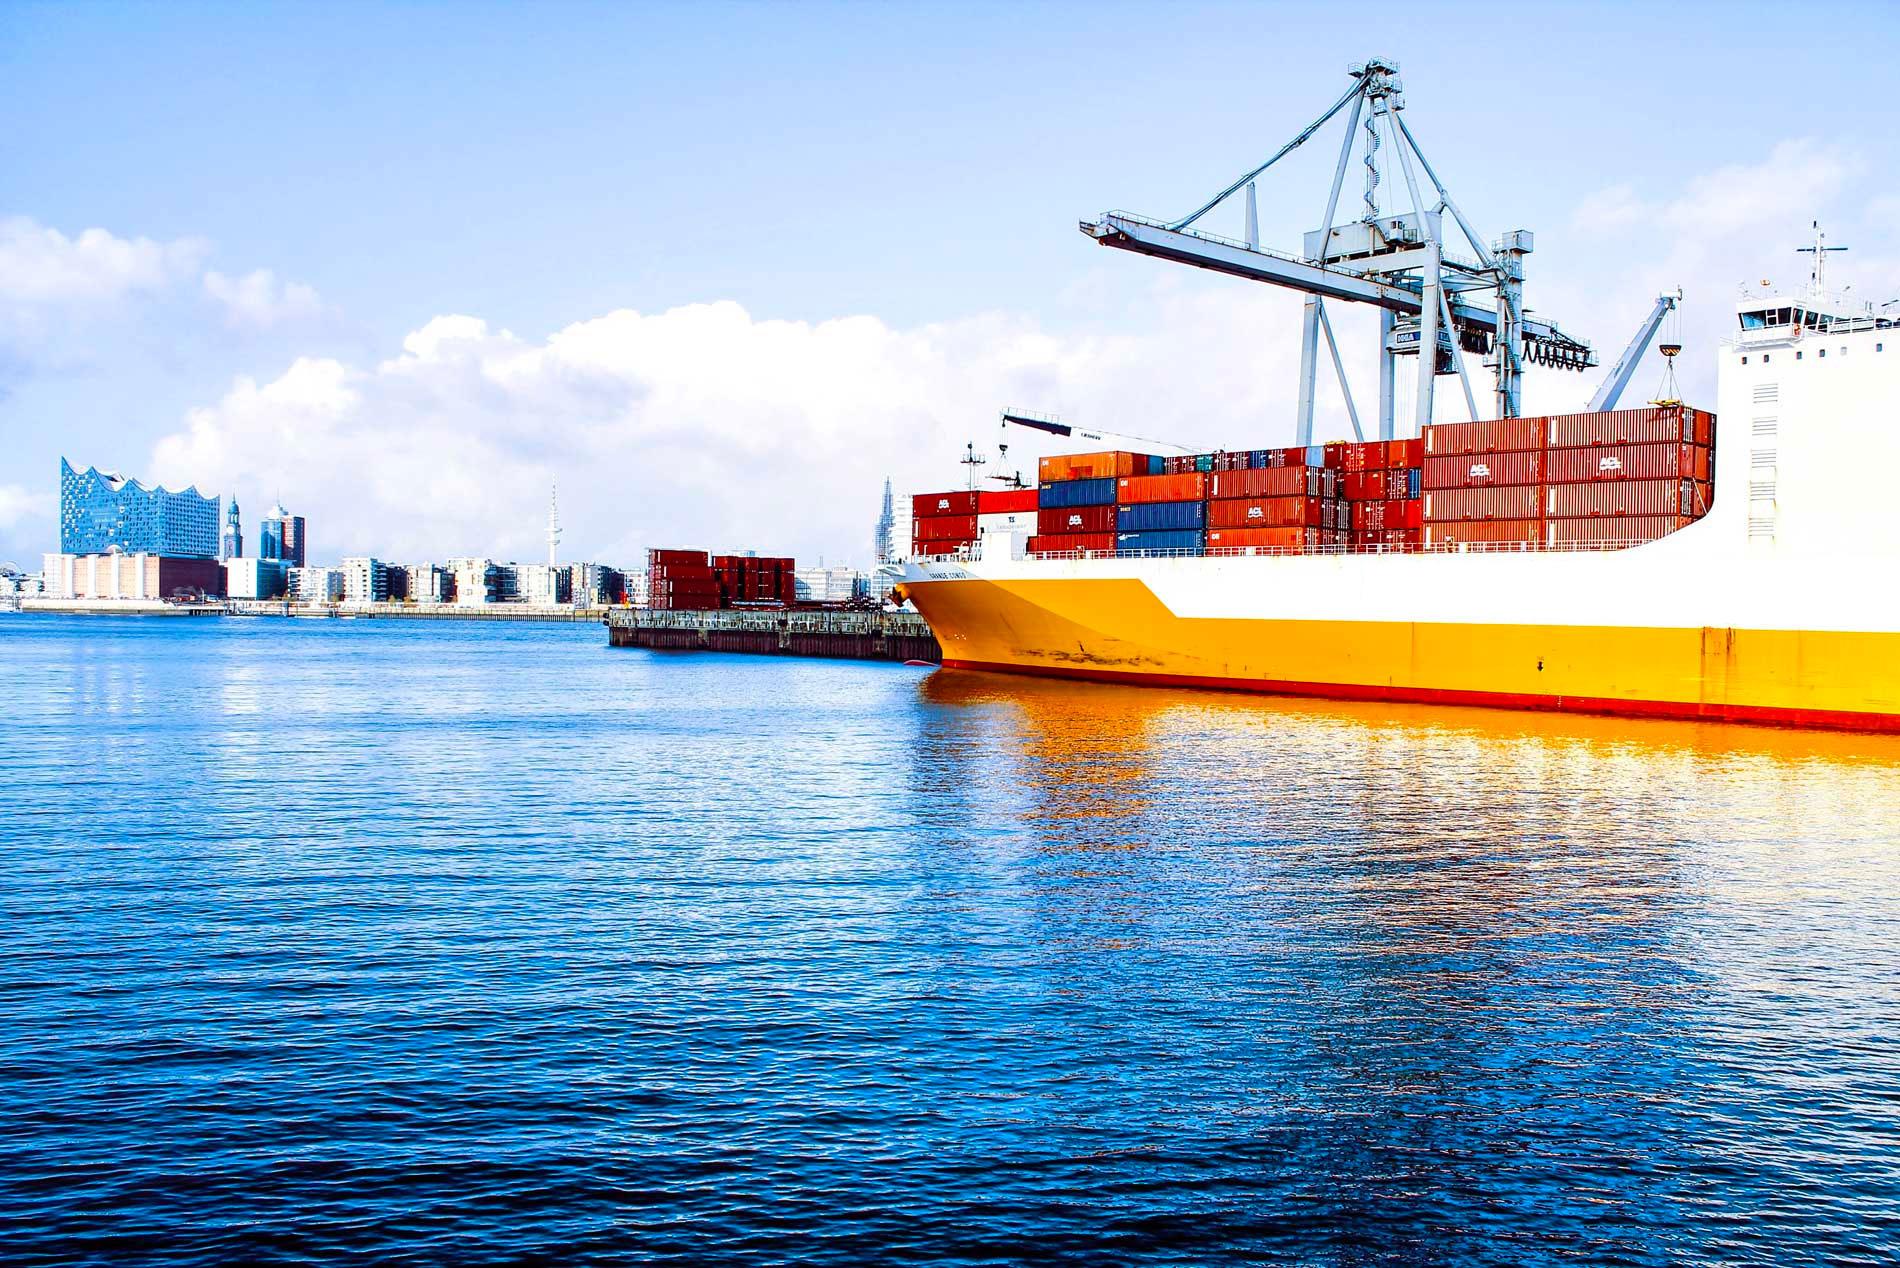 Qui doit se charger d'assurer la marchandise durant le transport?